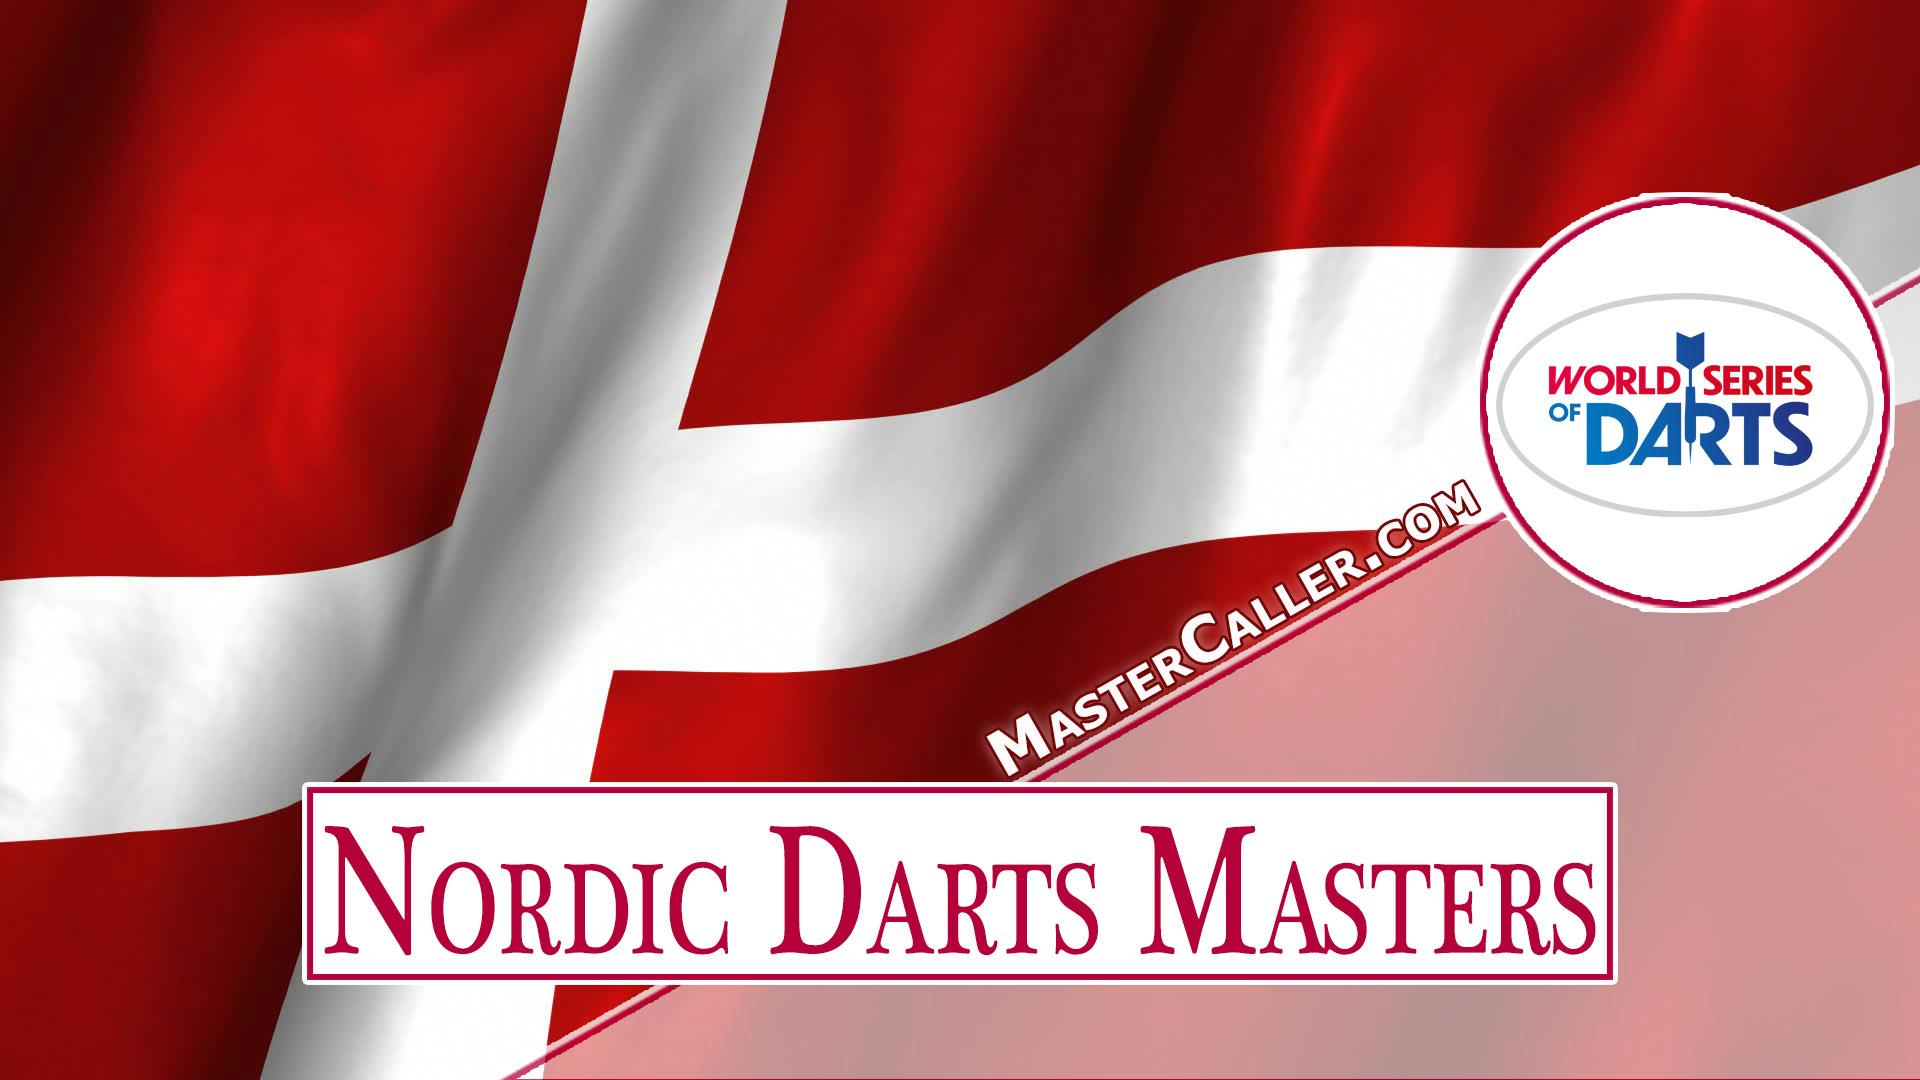 Nordic Darts Masters - 2021